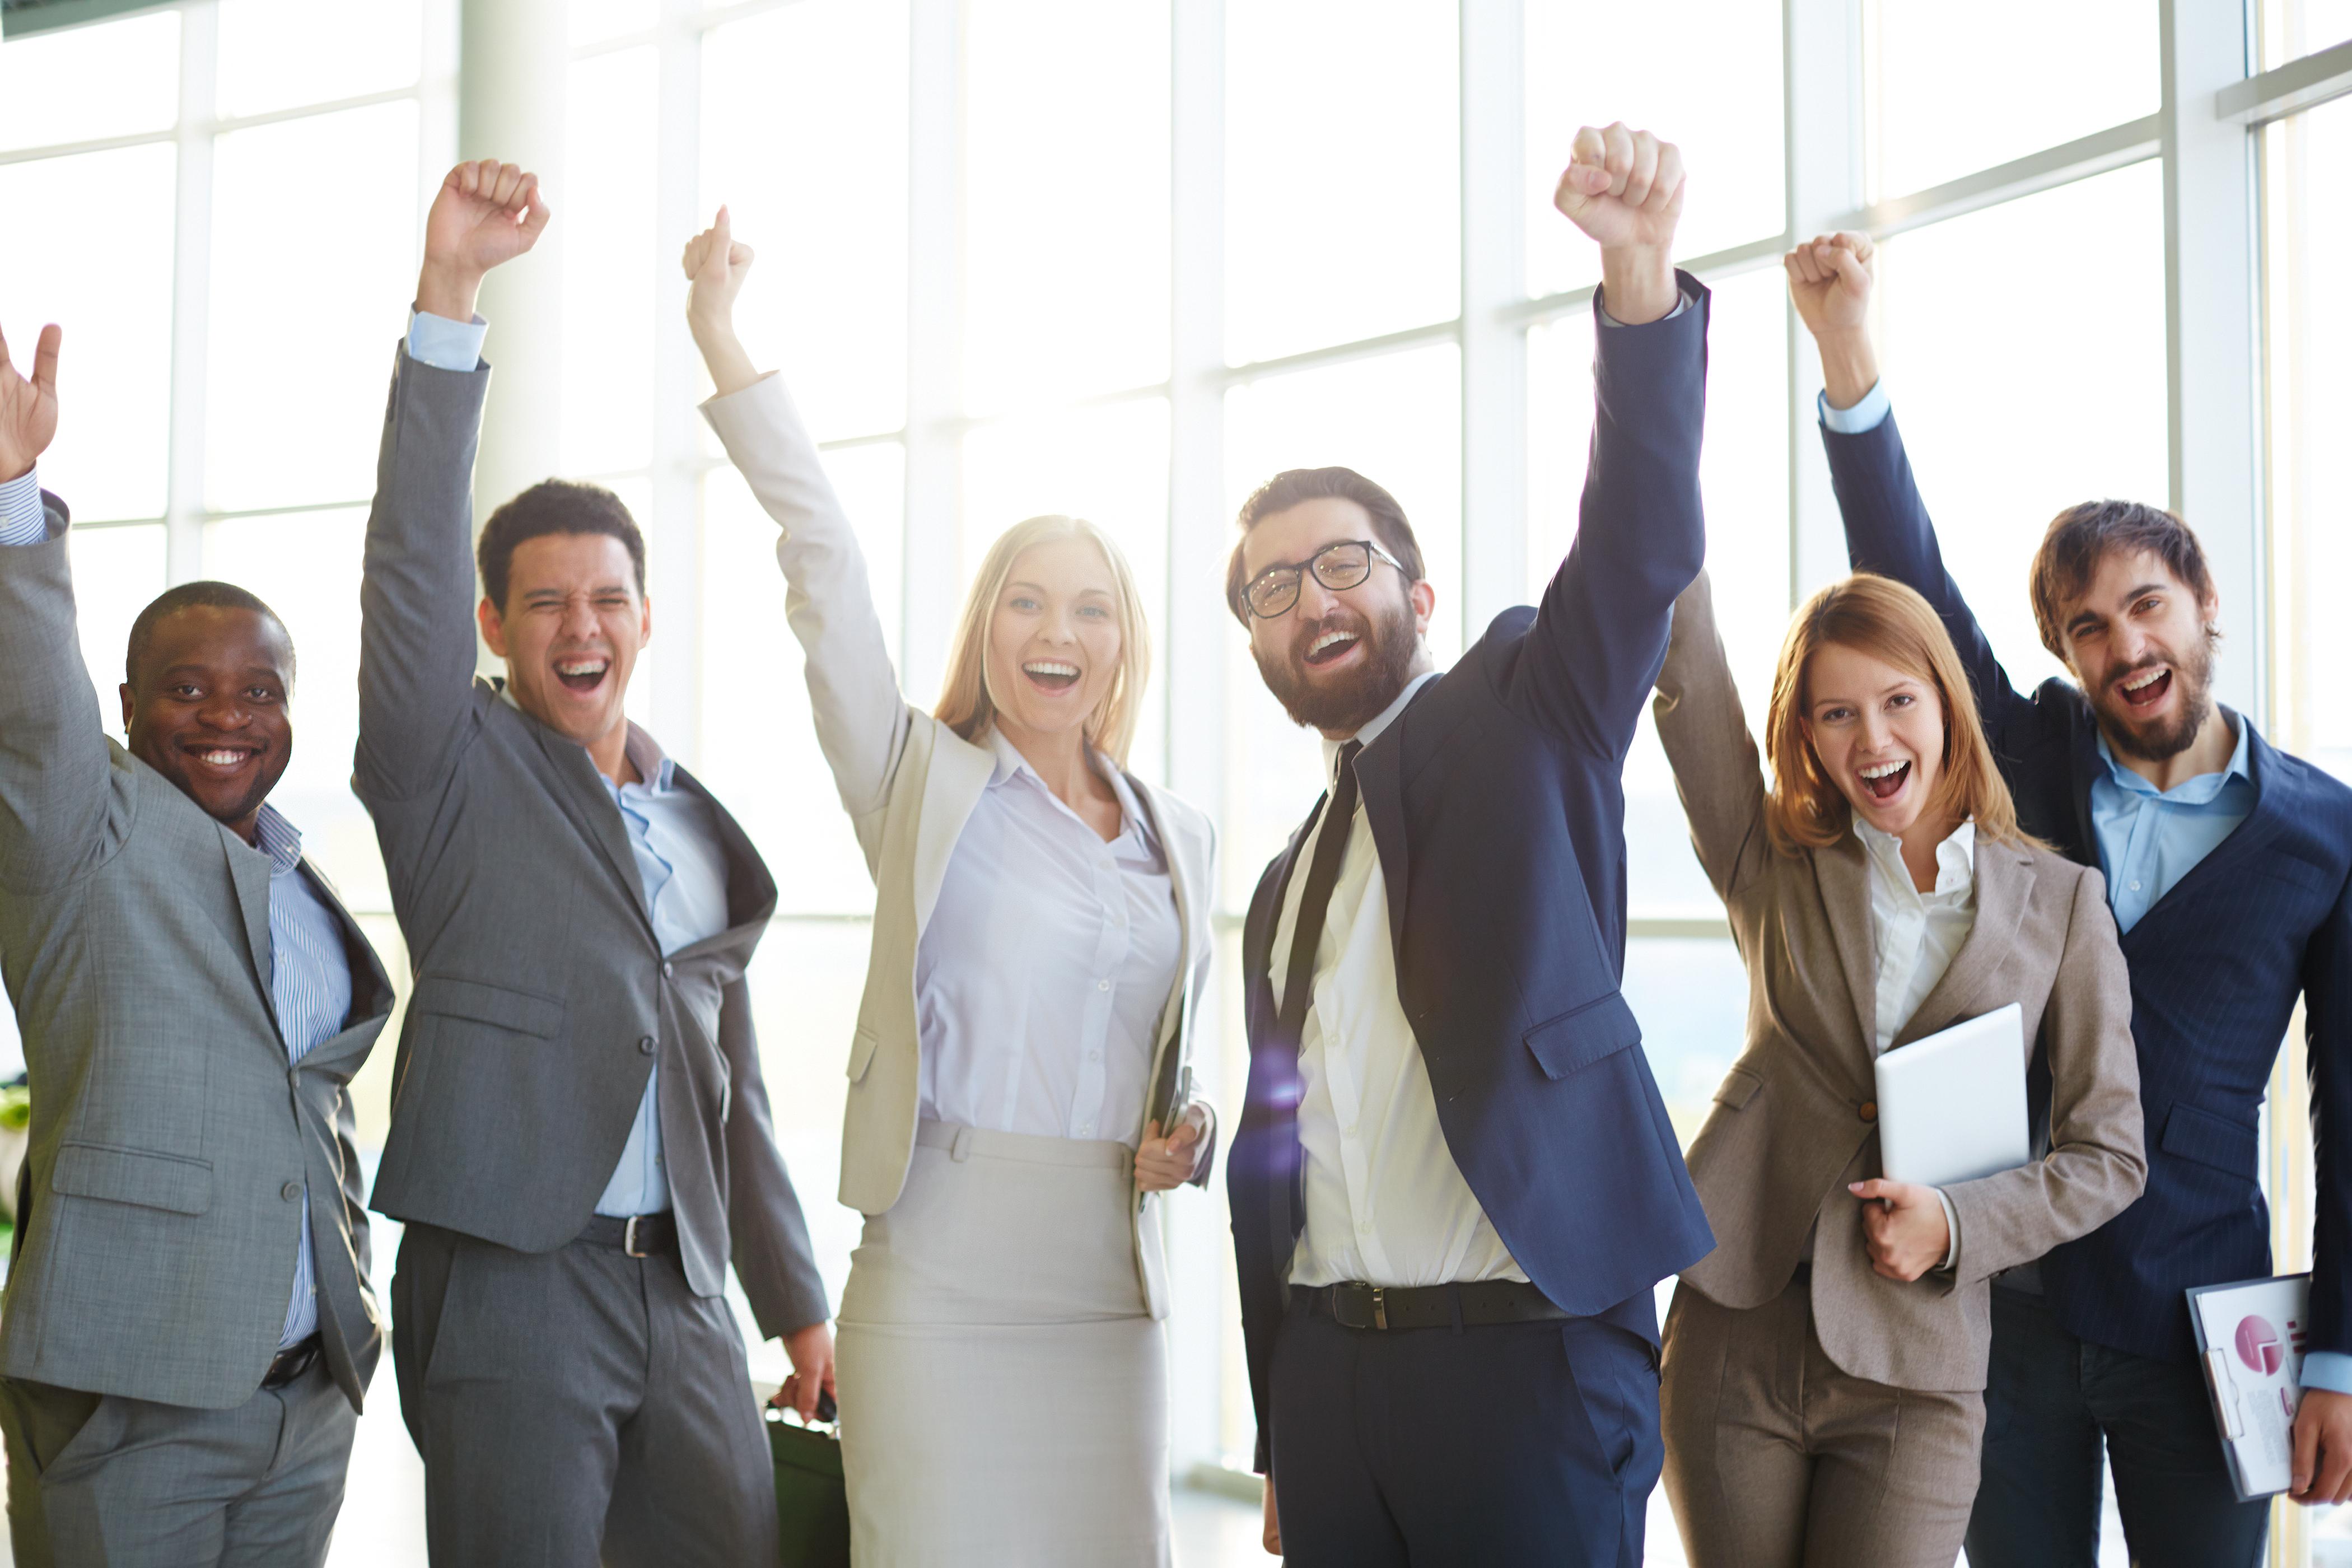 5 consigli per migliorare l'indipendenza economica da subito